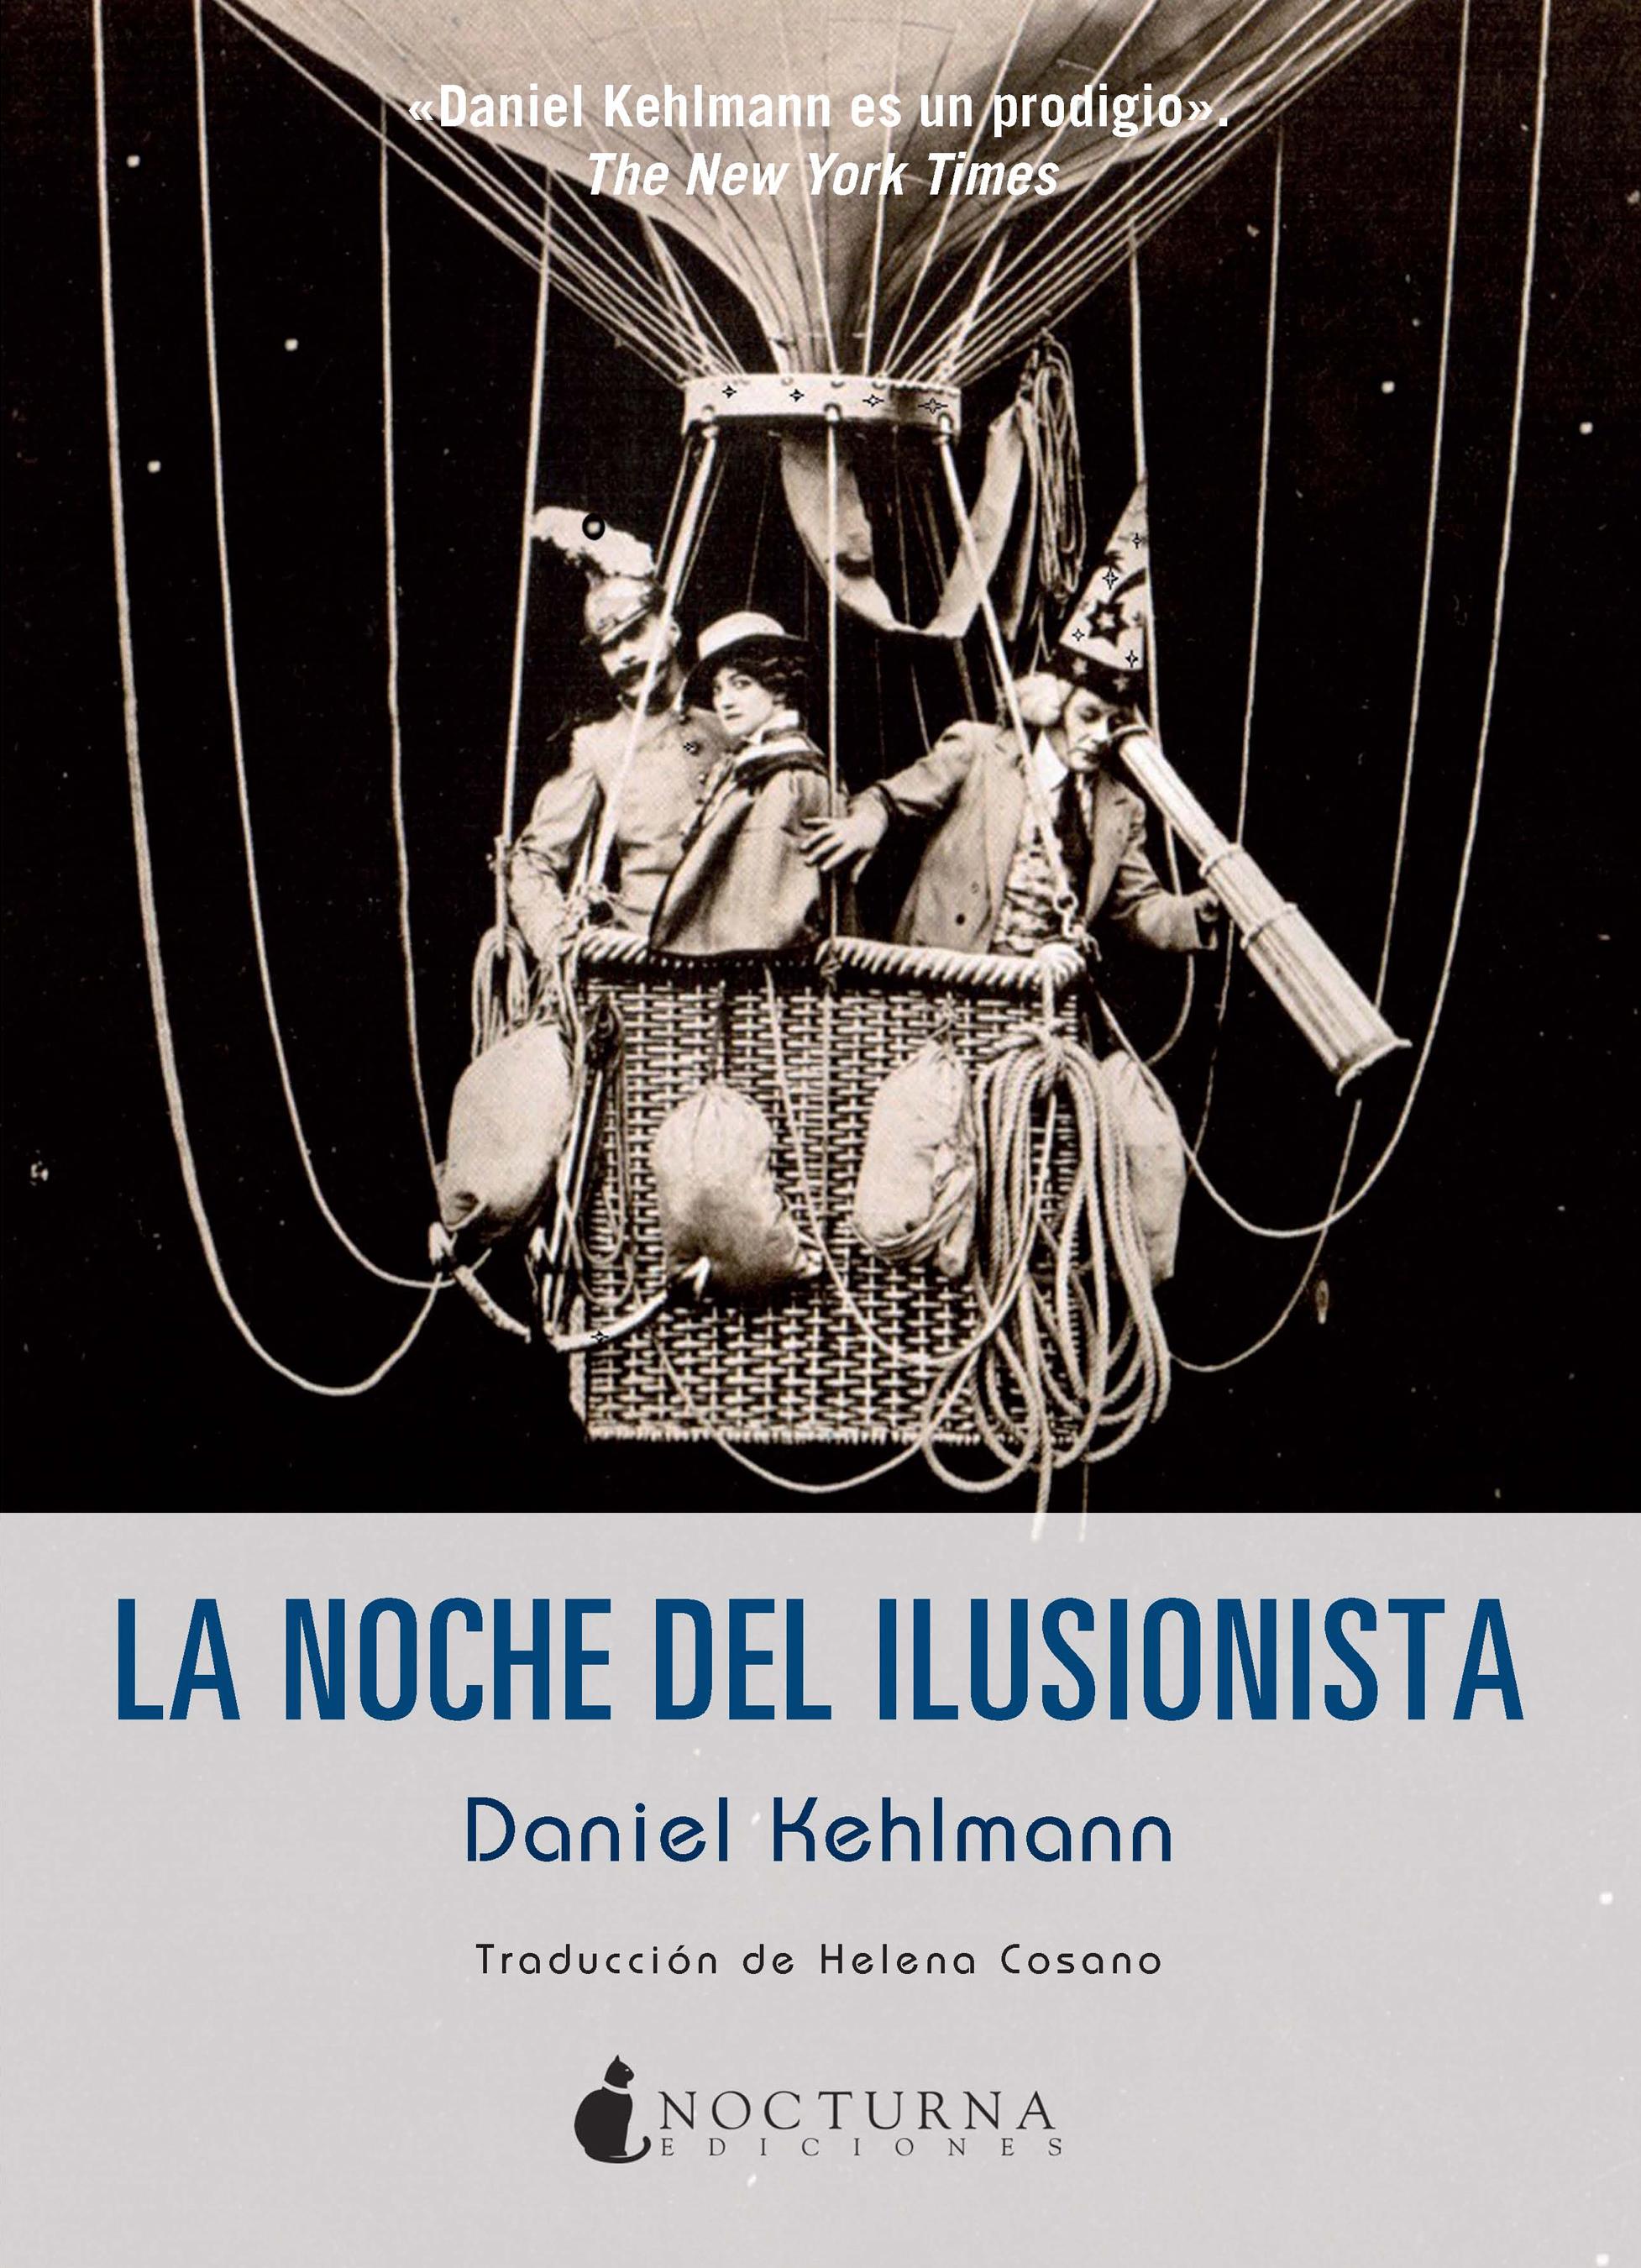 La noche del ilusionista - Daniel Kehlmann Portada